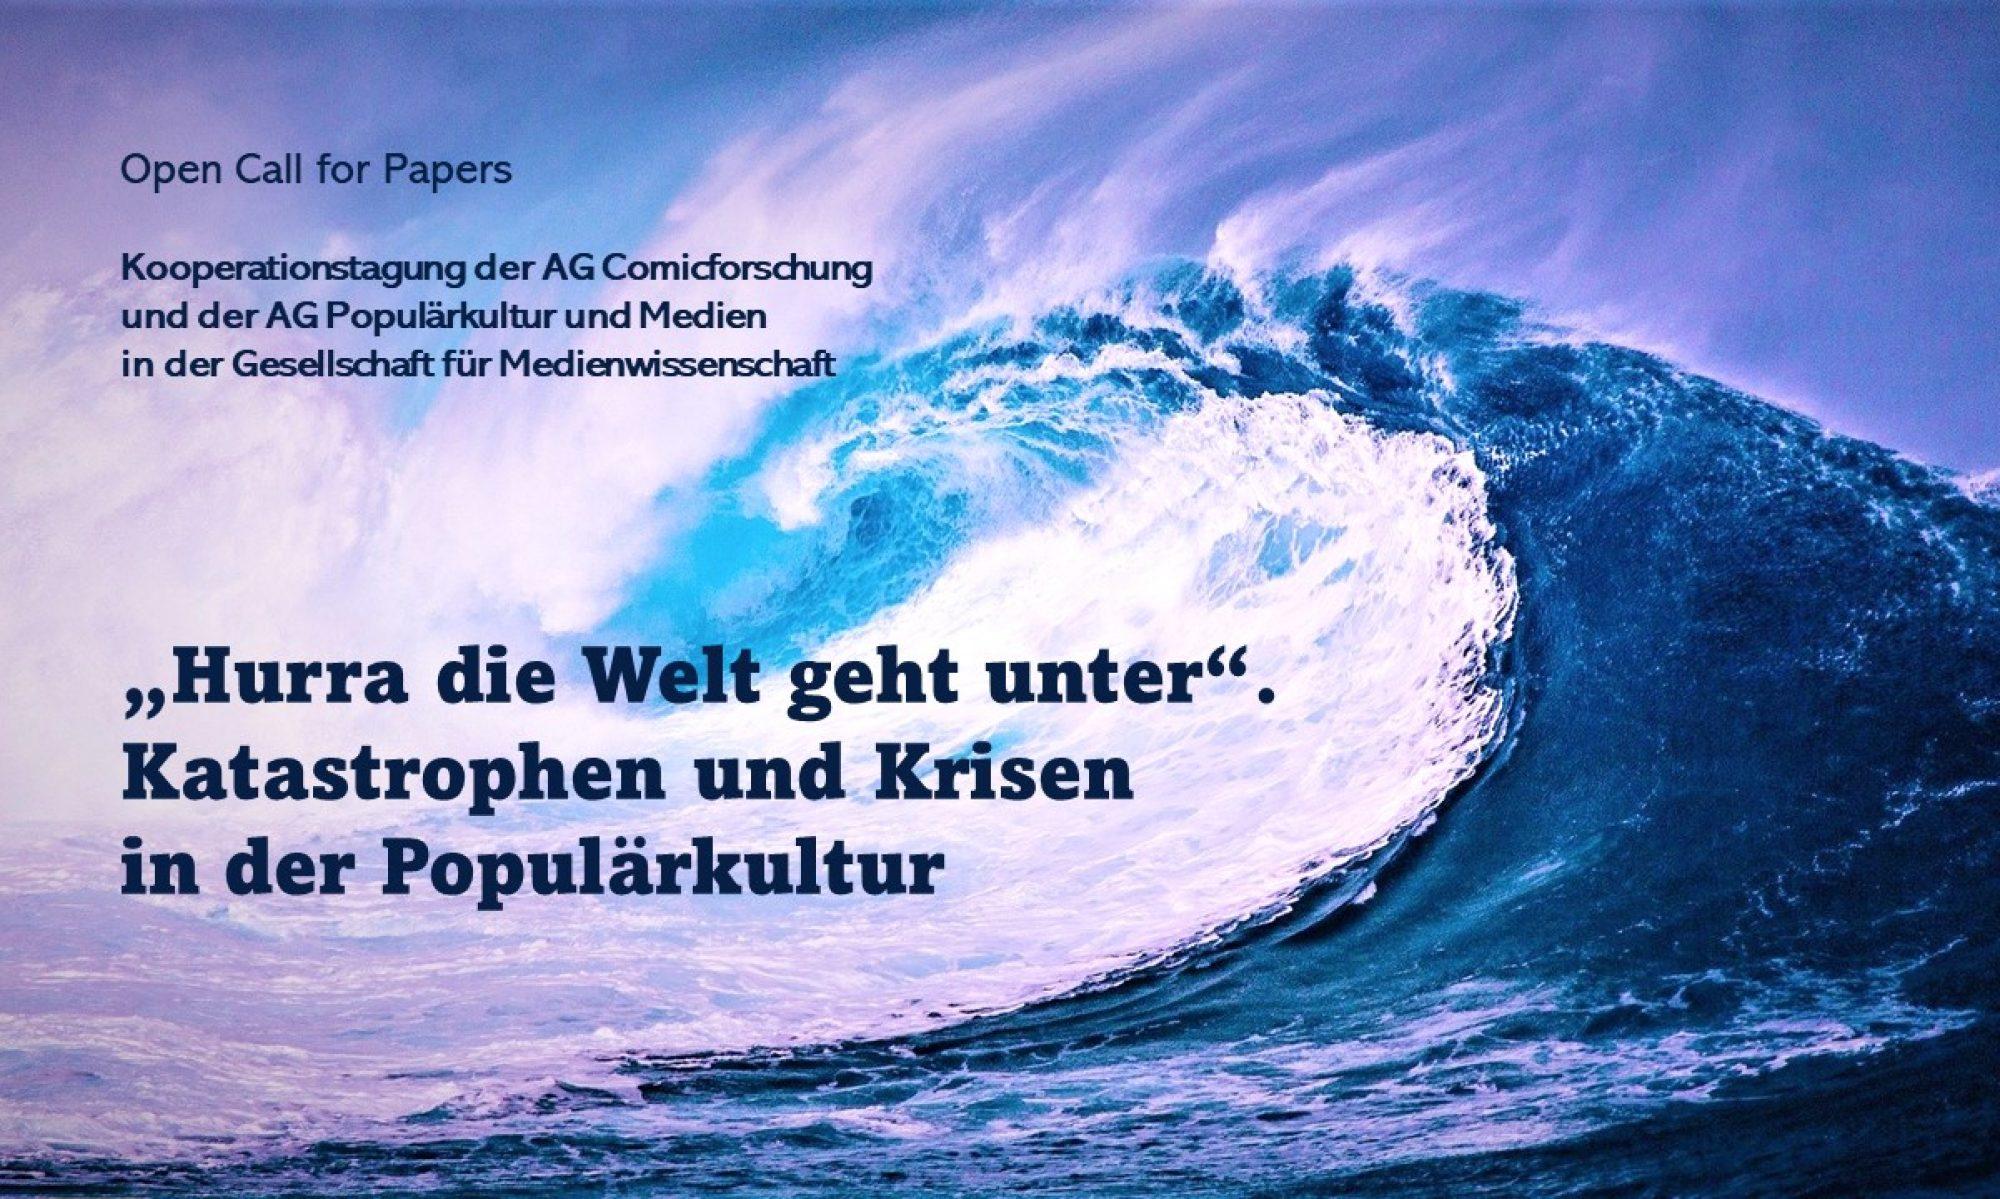 AG Populärkultur und Medien